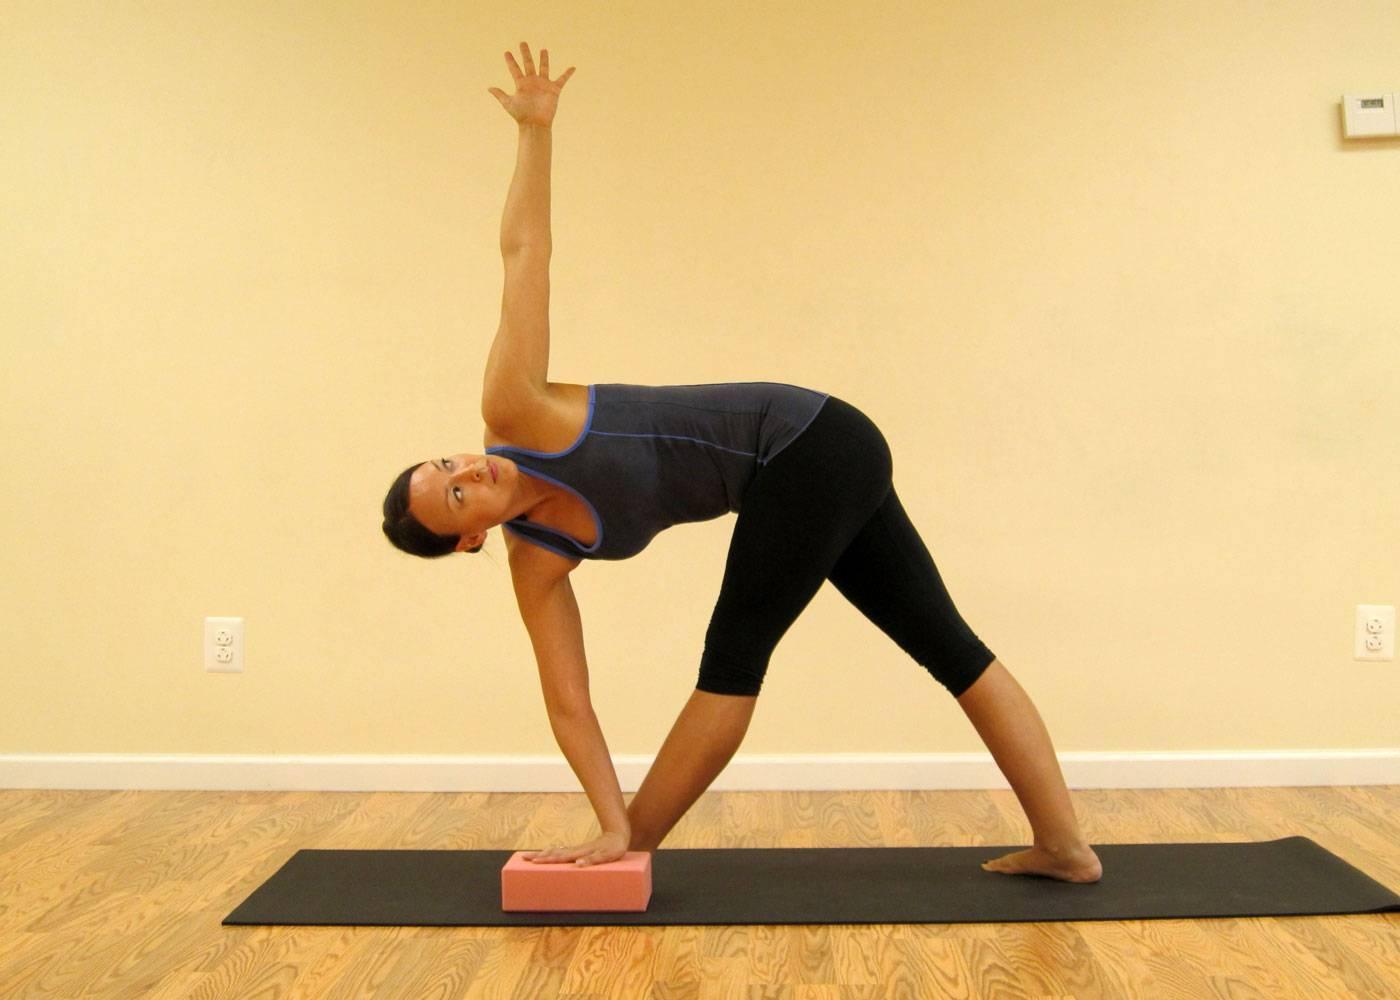 Йога при шейном остеохондрозе: можно ли ее применять